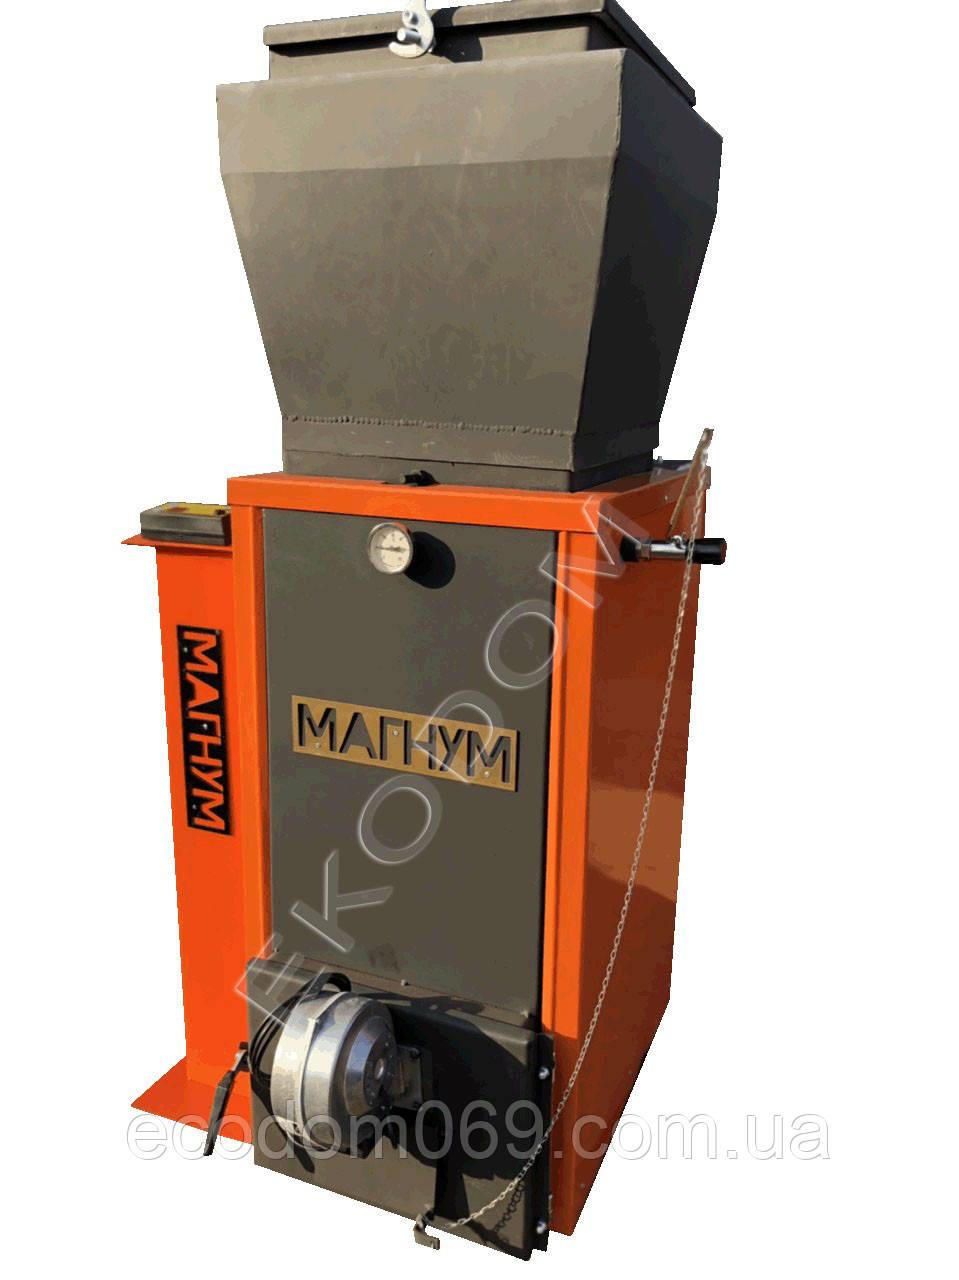 Котел шахтного типа Магнум 18 кВт с дополнительным бункером